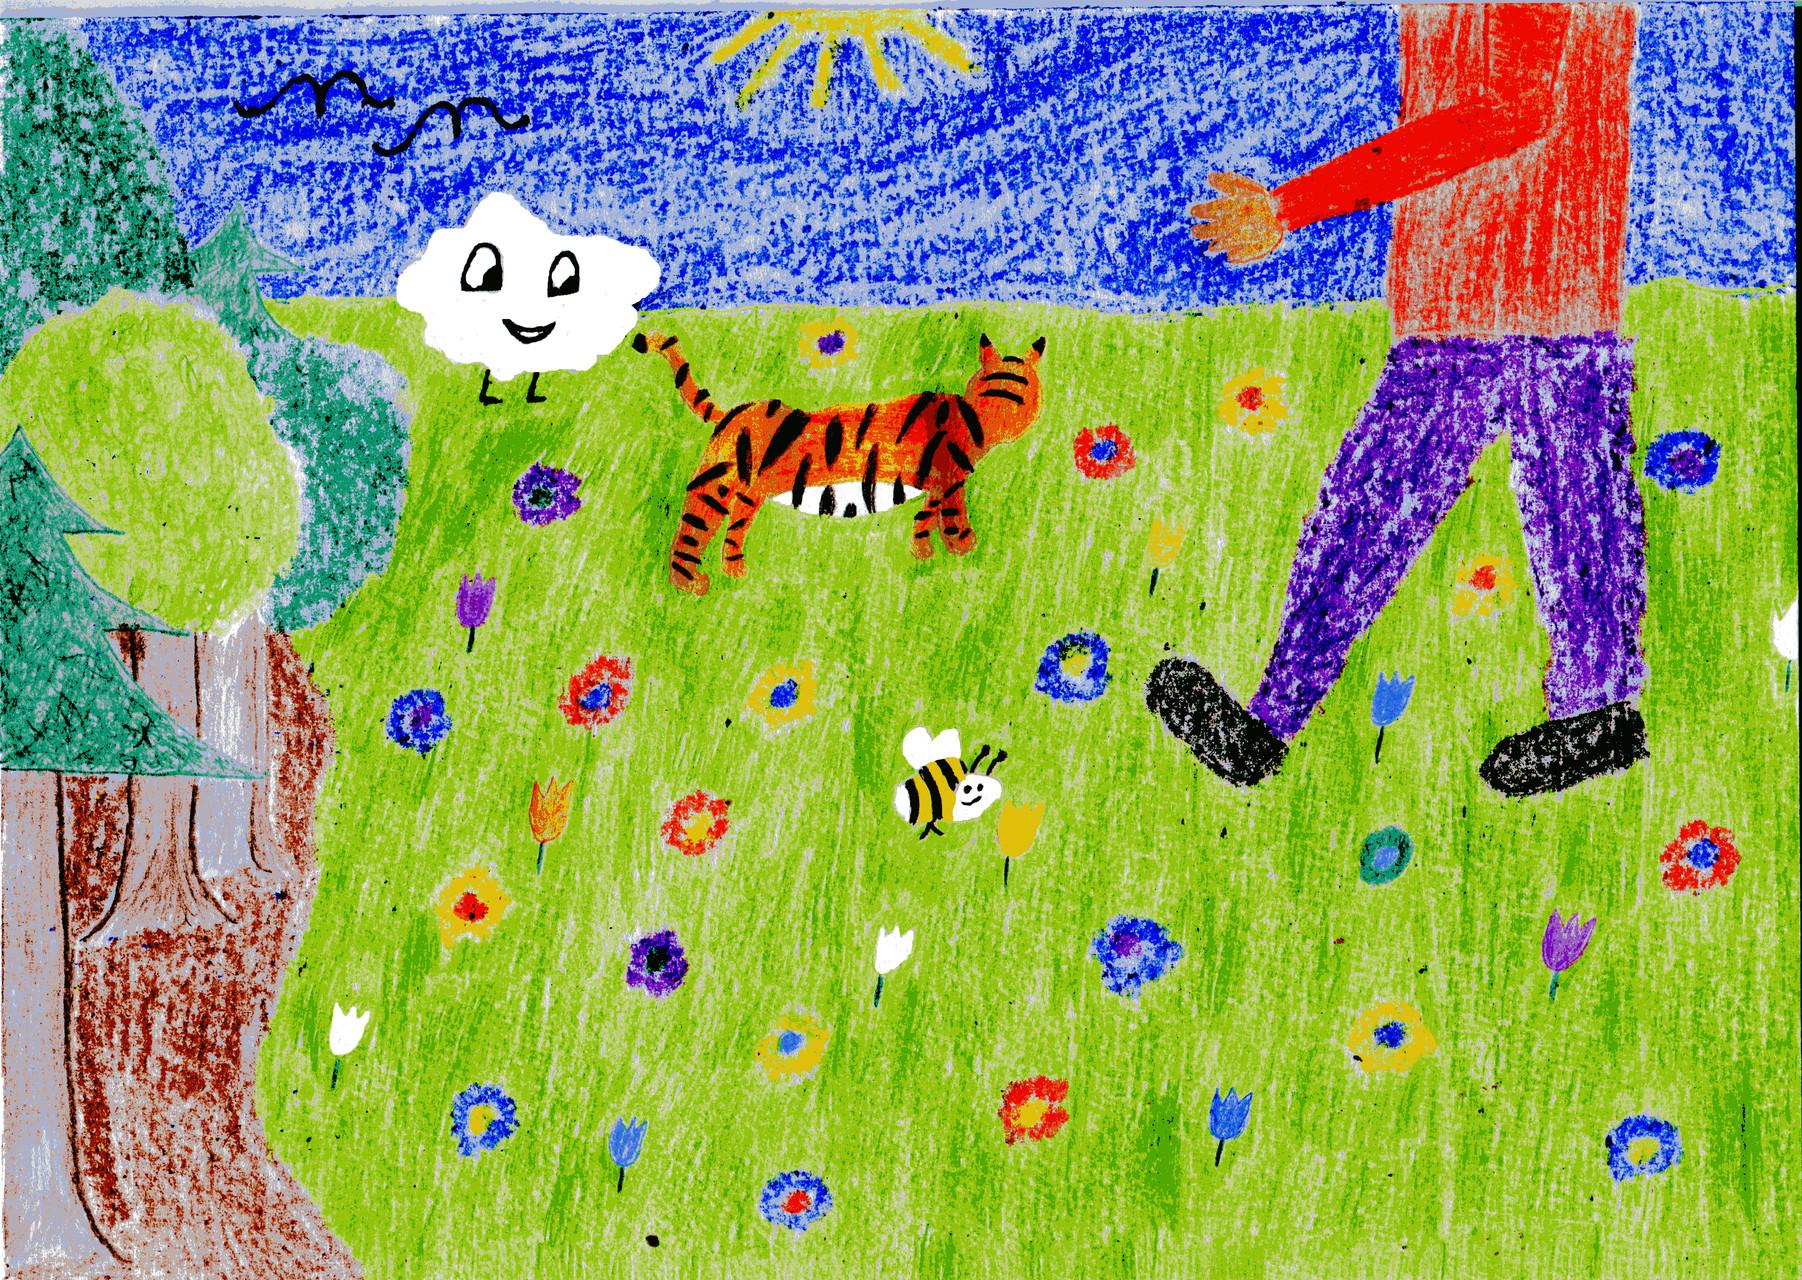 Dorothea, Sausewind und der Tiger spielen auf der Wiese